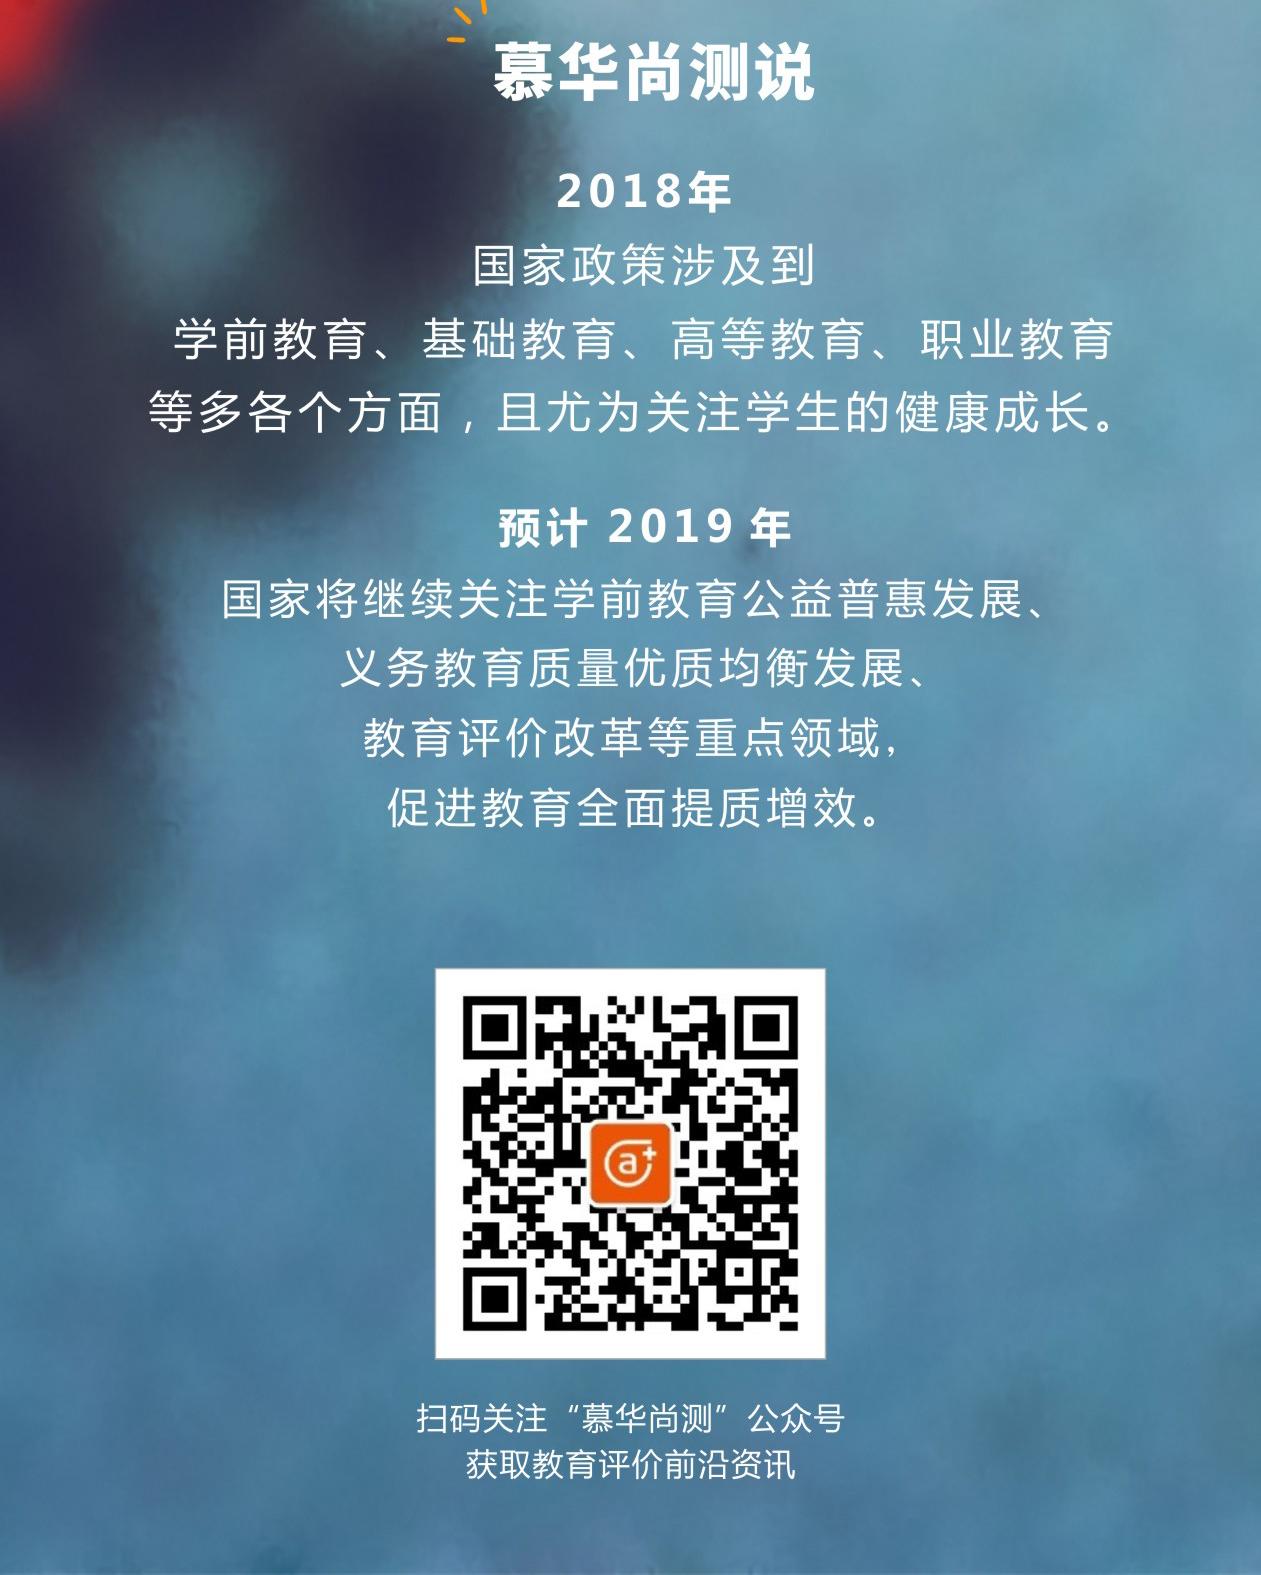 2018教育大事件_06.jpg